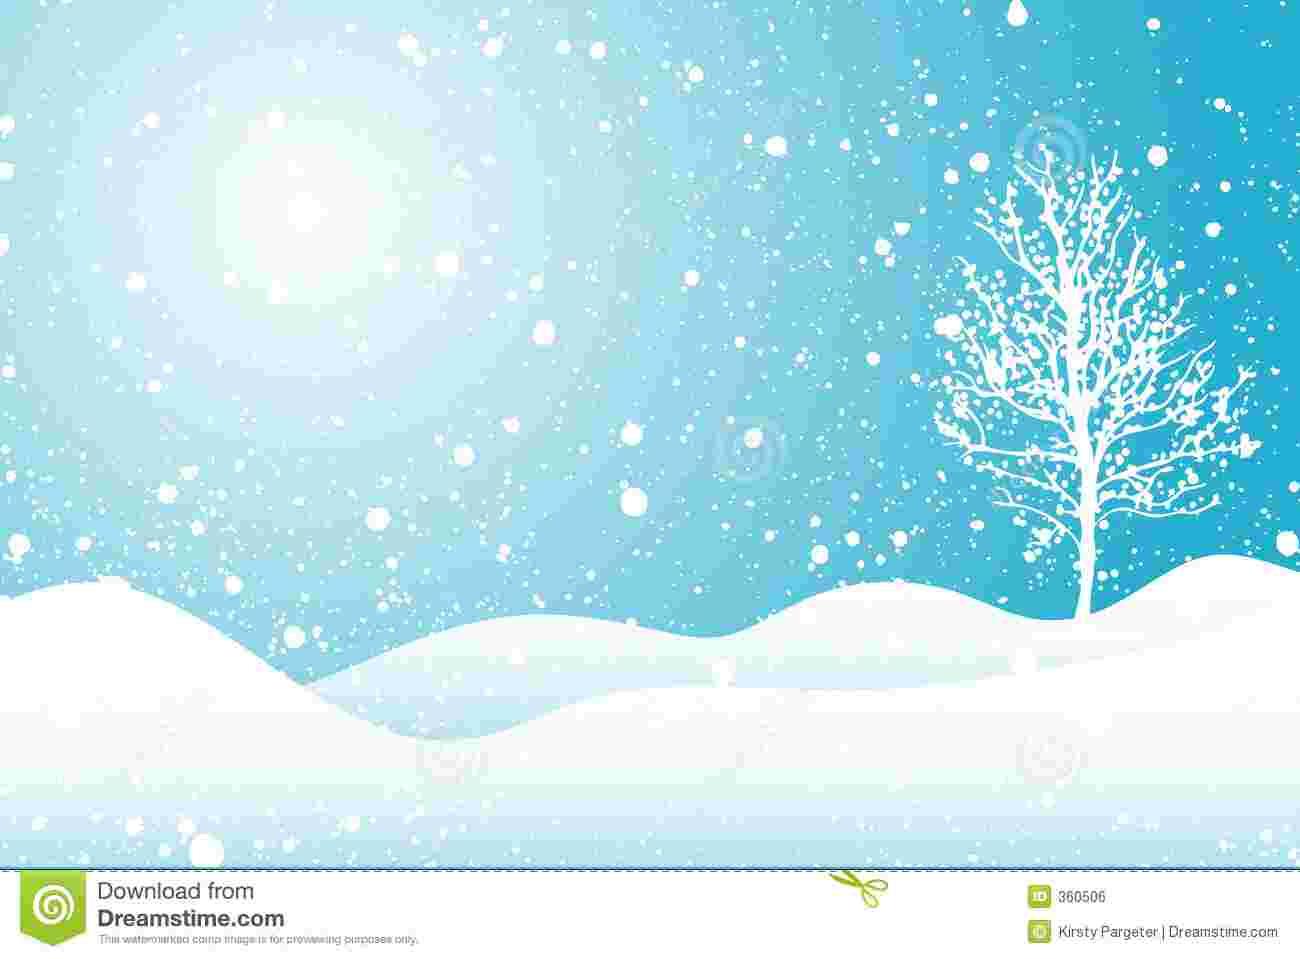 Cliparts Library: Free Clipart Winter Scene Winter Scene.